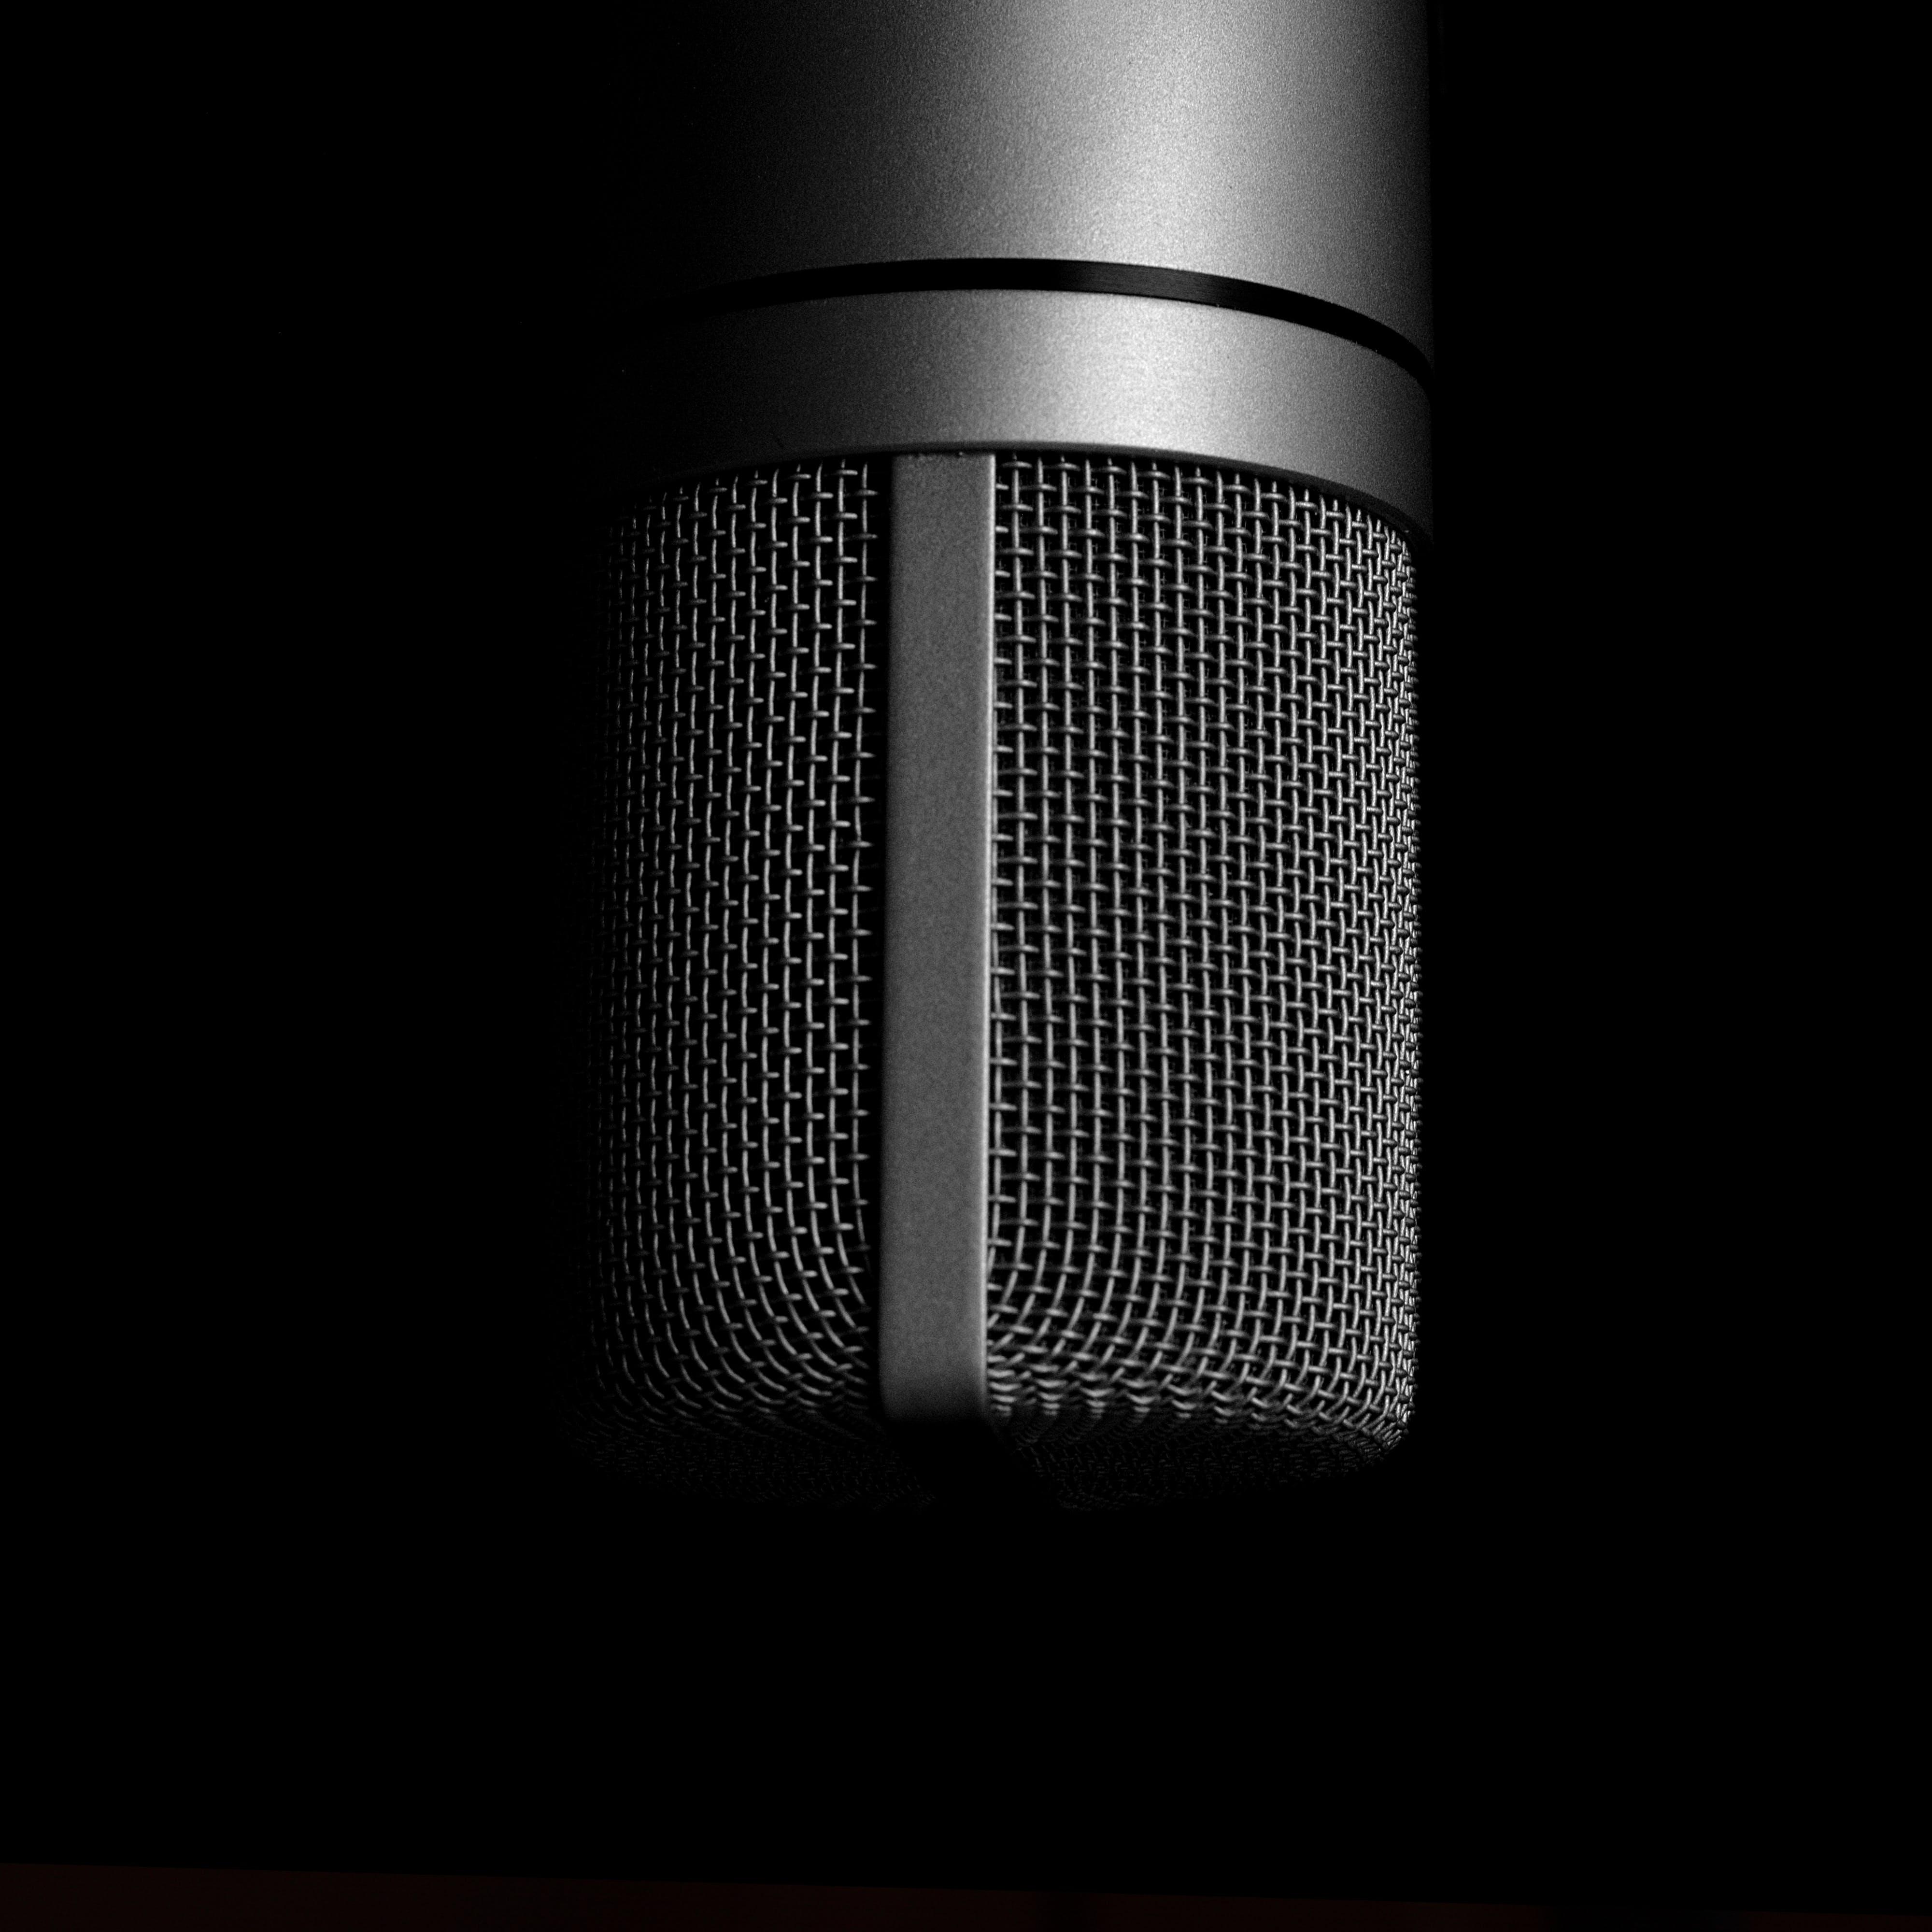 aluminum, audio, chrome